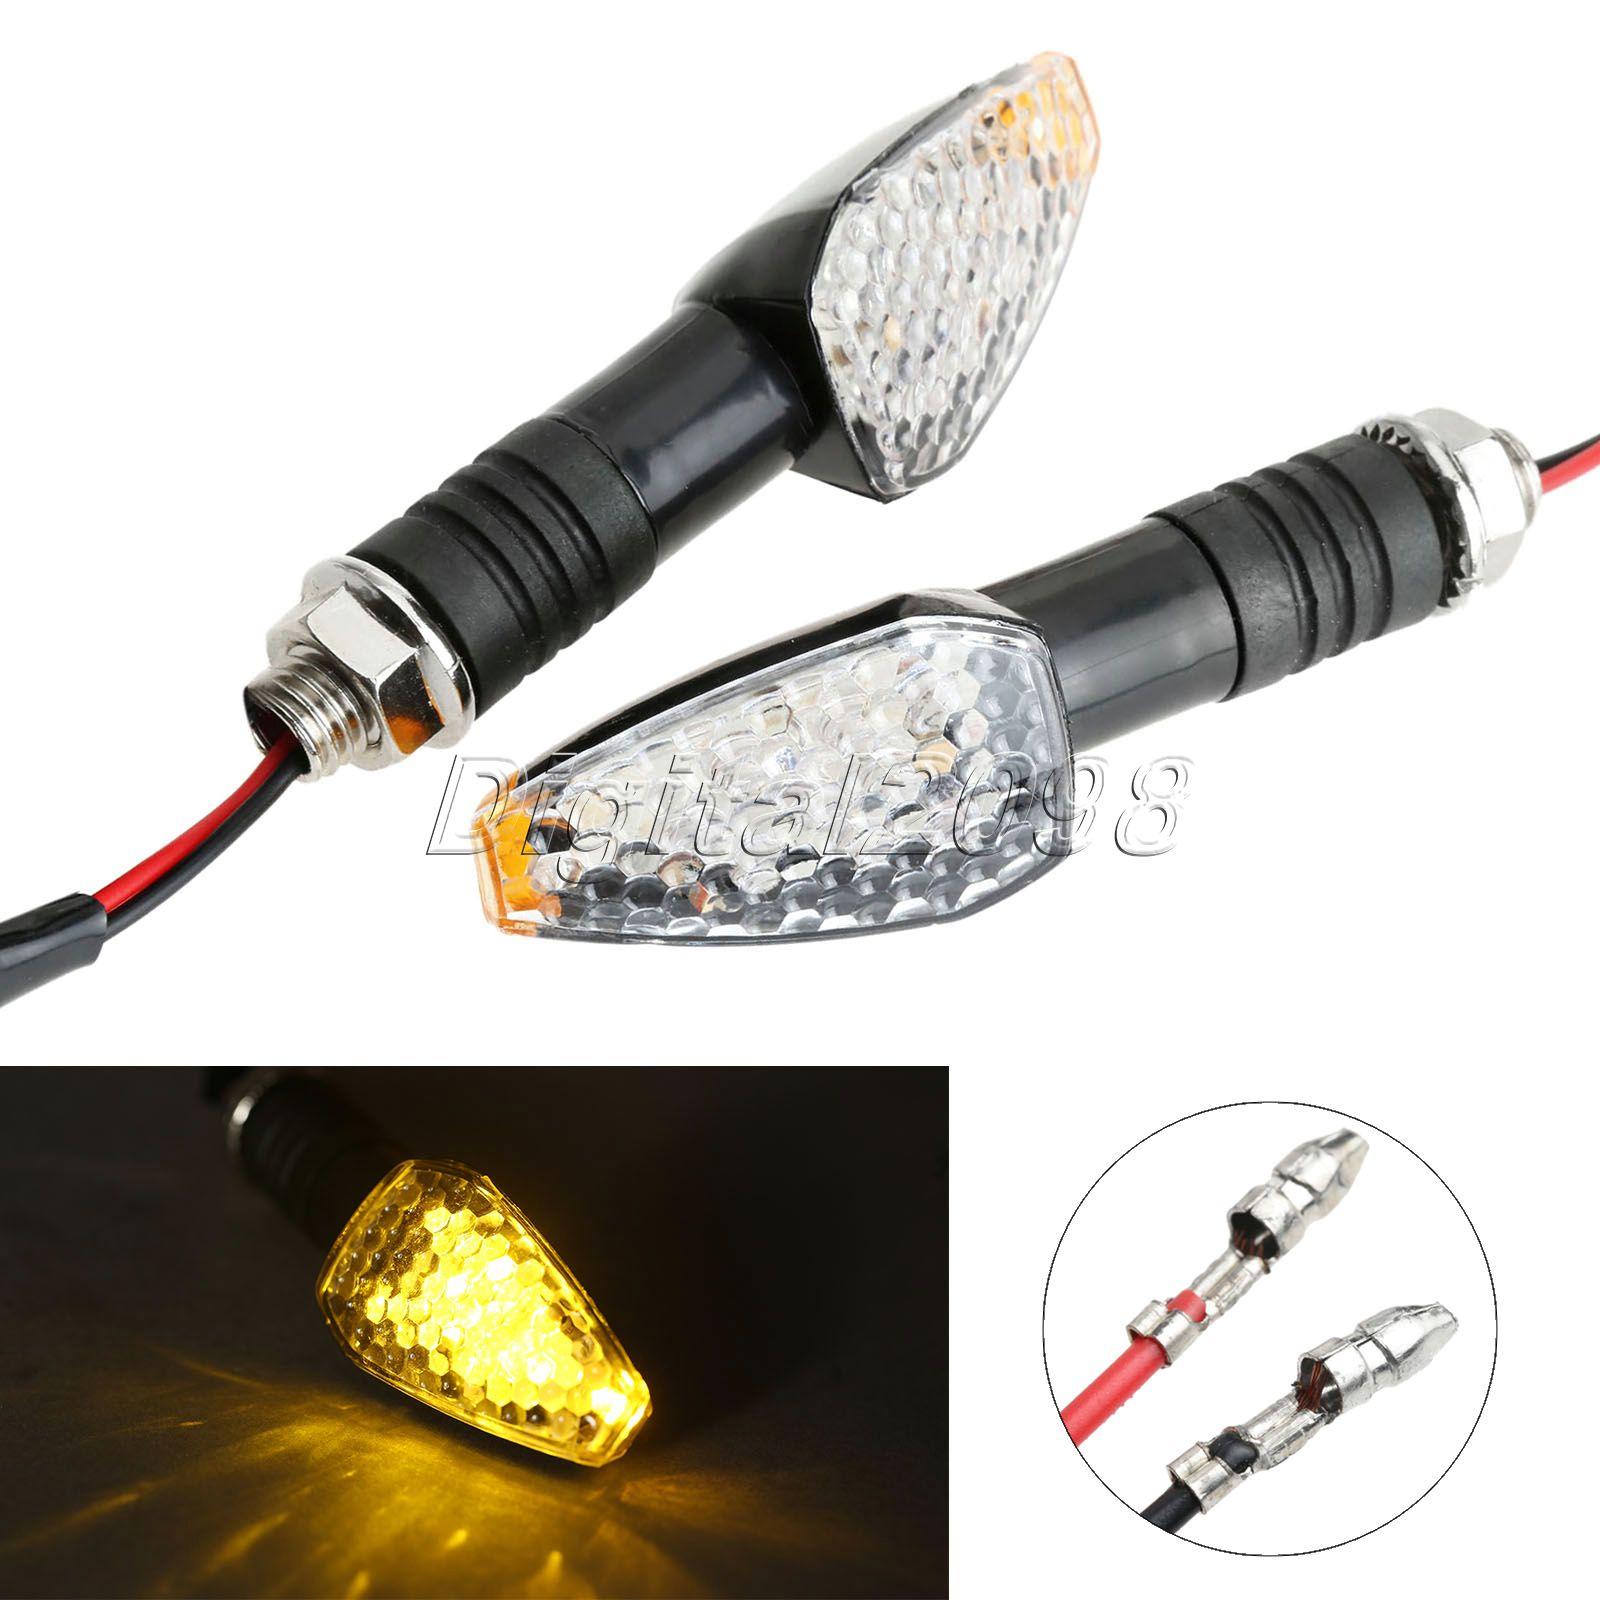 Yetaha 2x Universal Motorcycle Led Turn Signal Indicator Light Amber Lamp Bulb Blinker Flashers For Suzuki Honda Yamaha KTM BMW